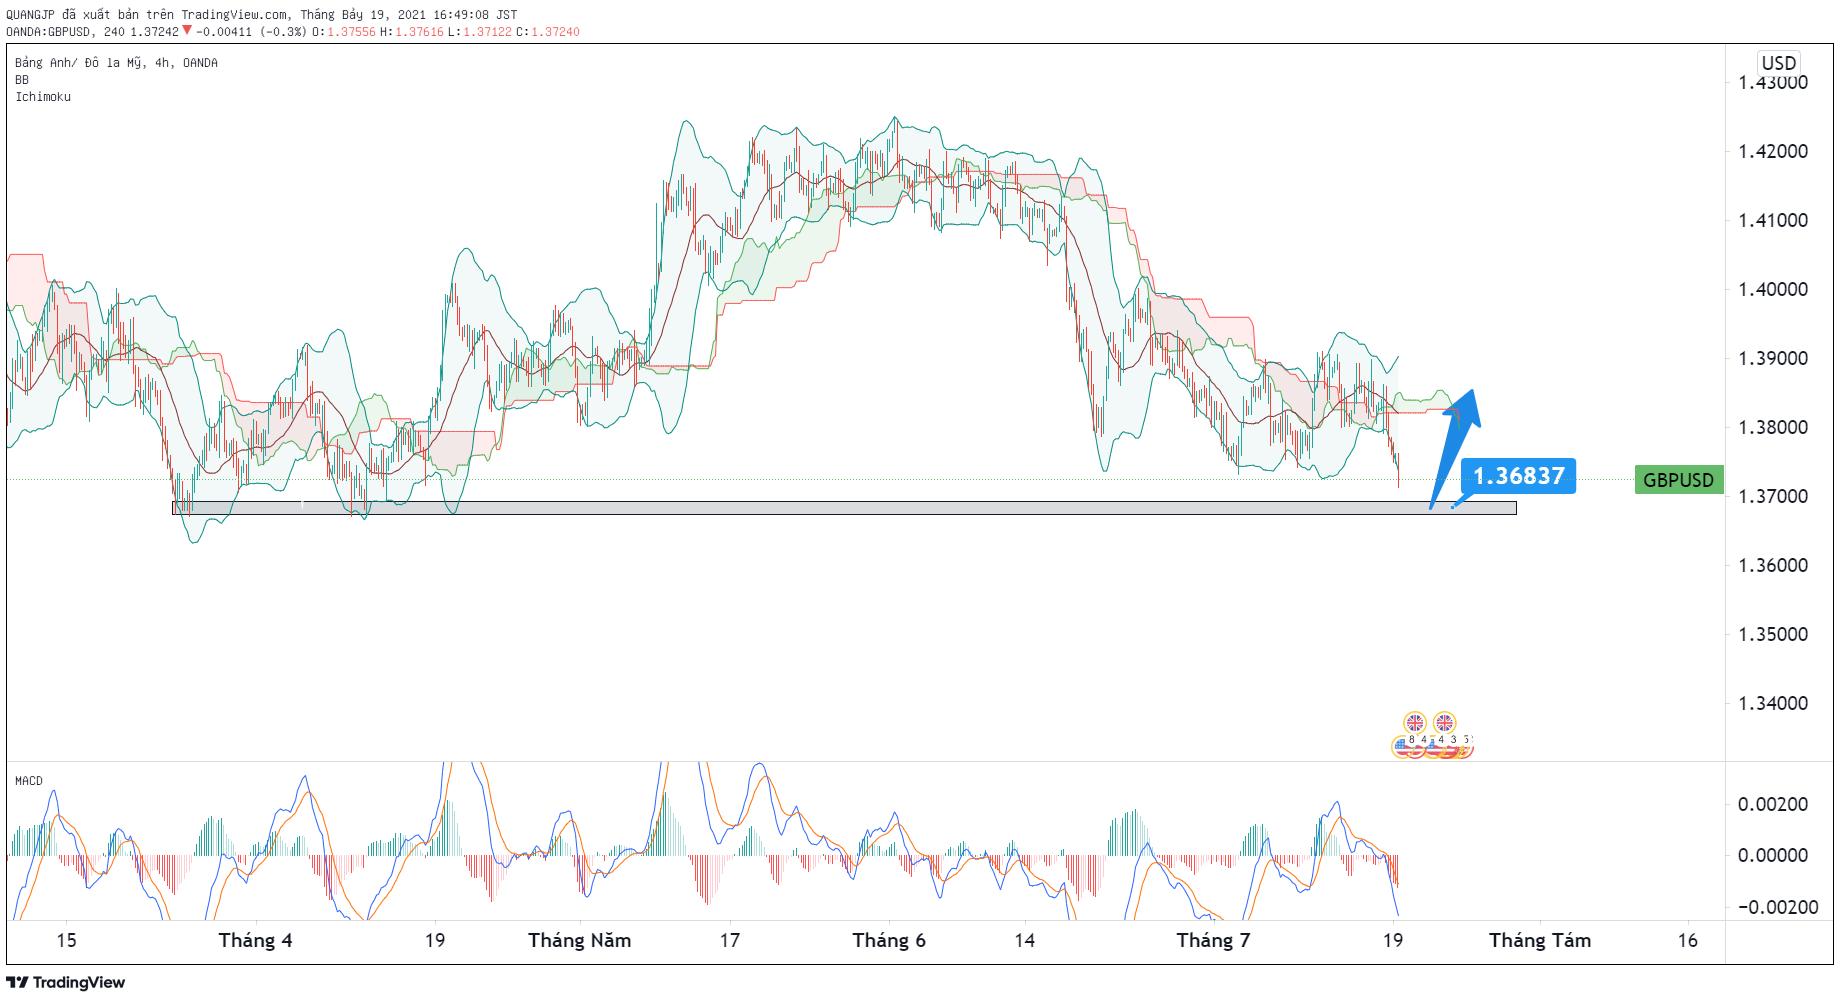 Phân tích Forex GBP/USD: Cơ hội mua sóng hồi!